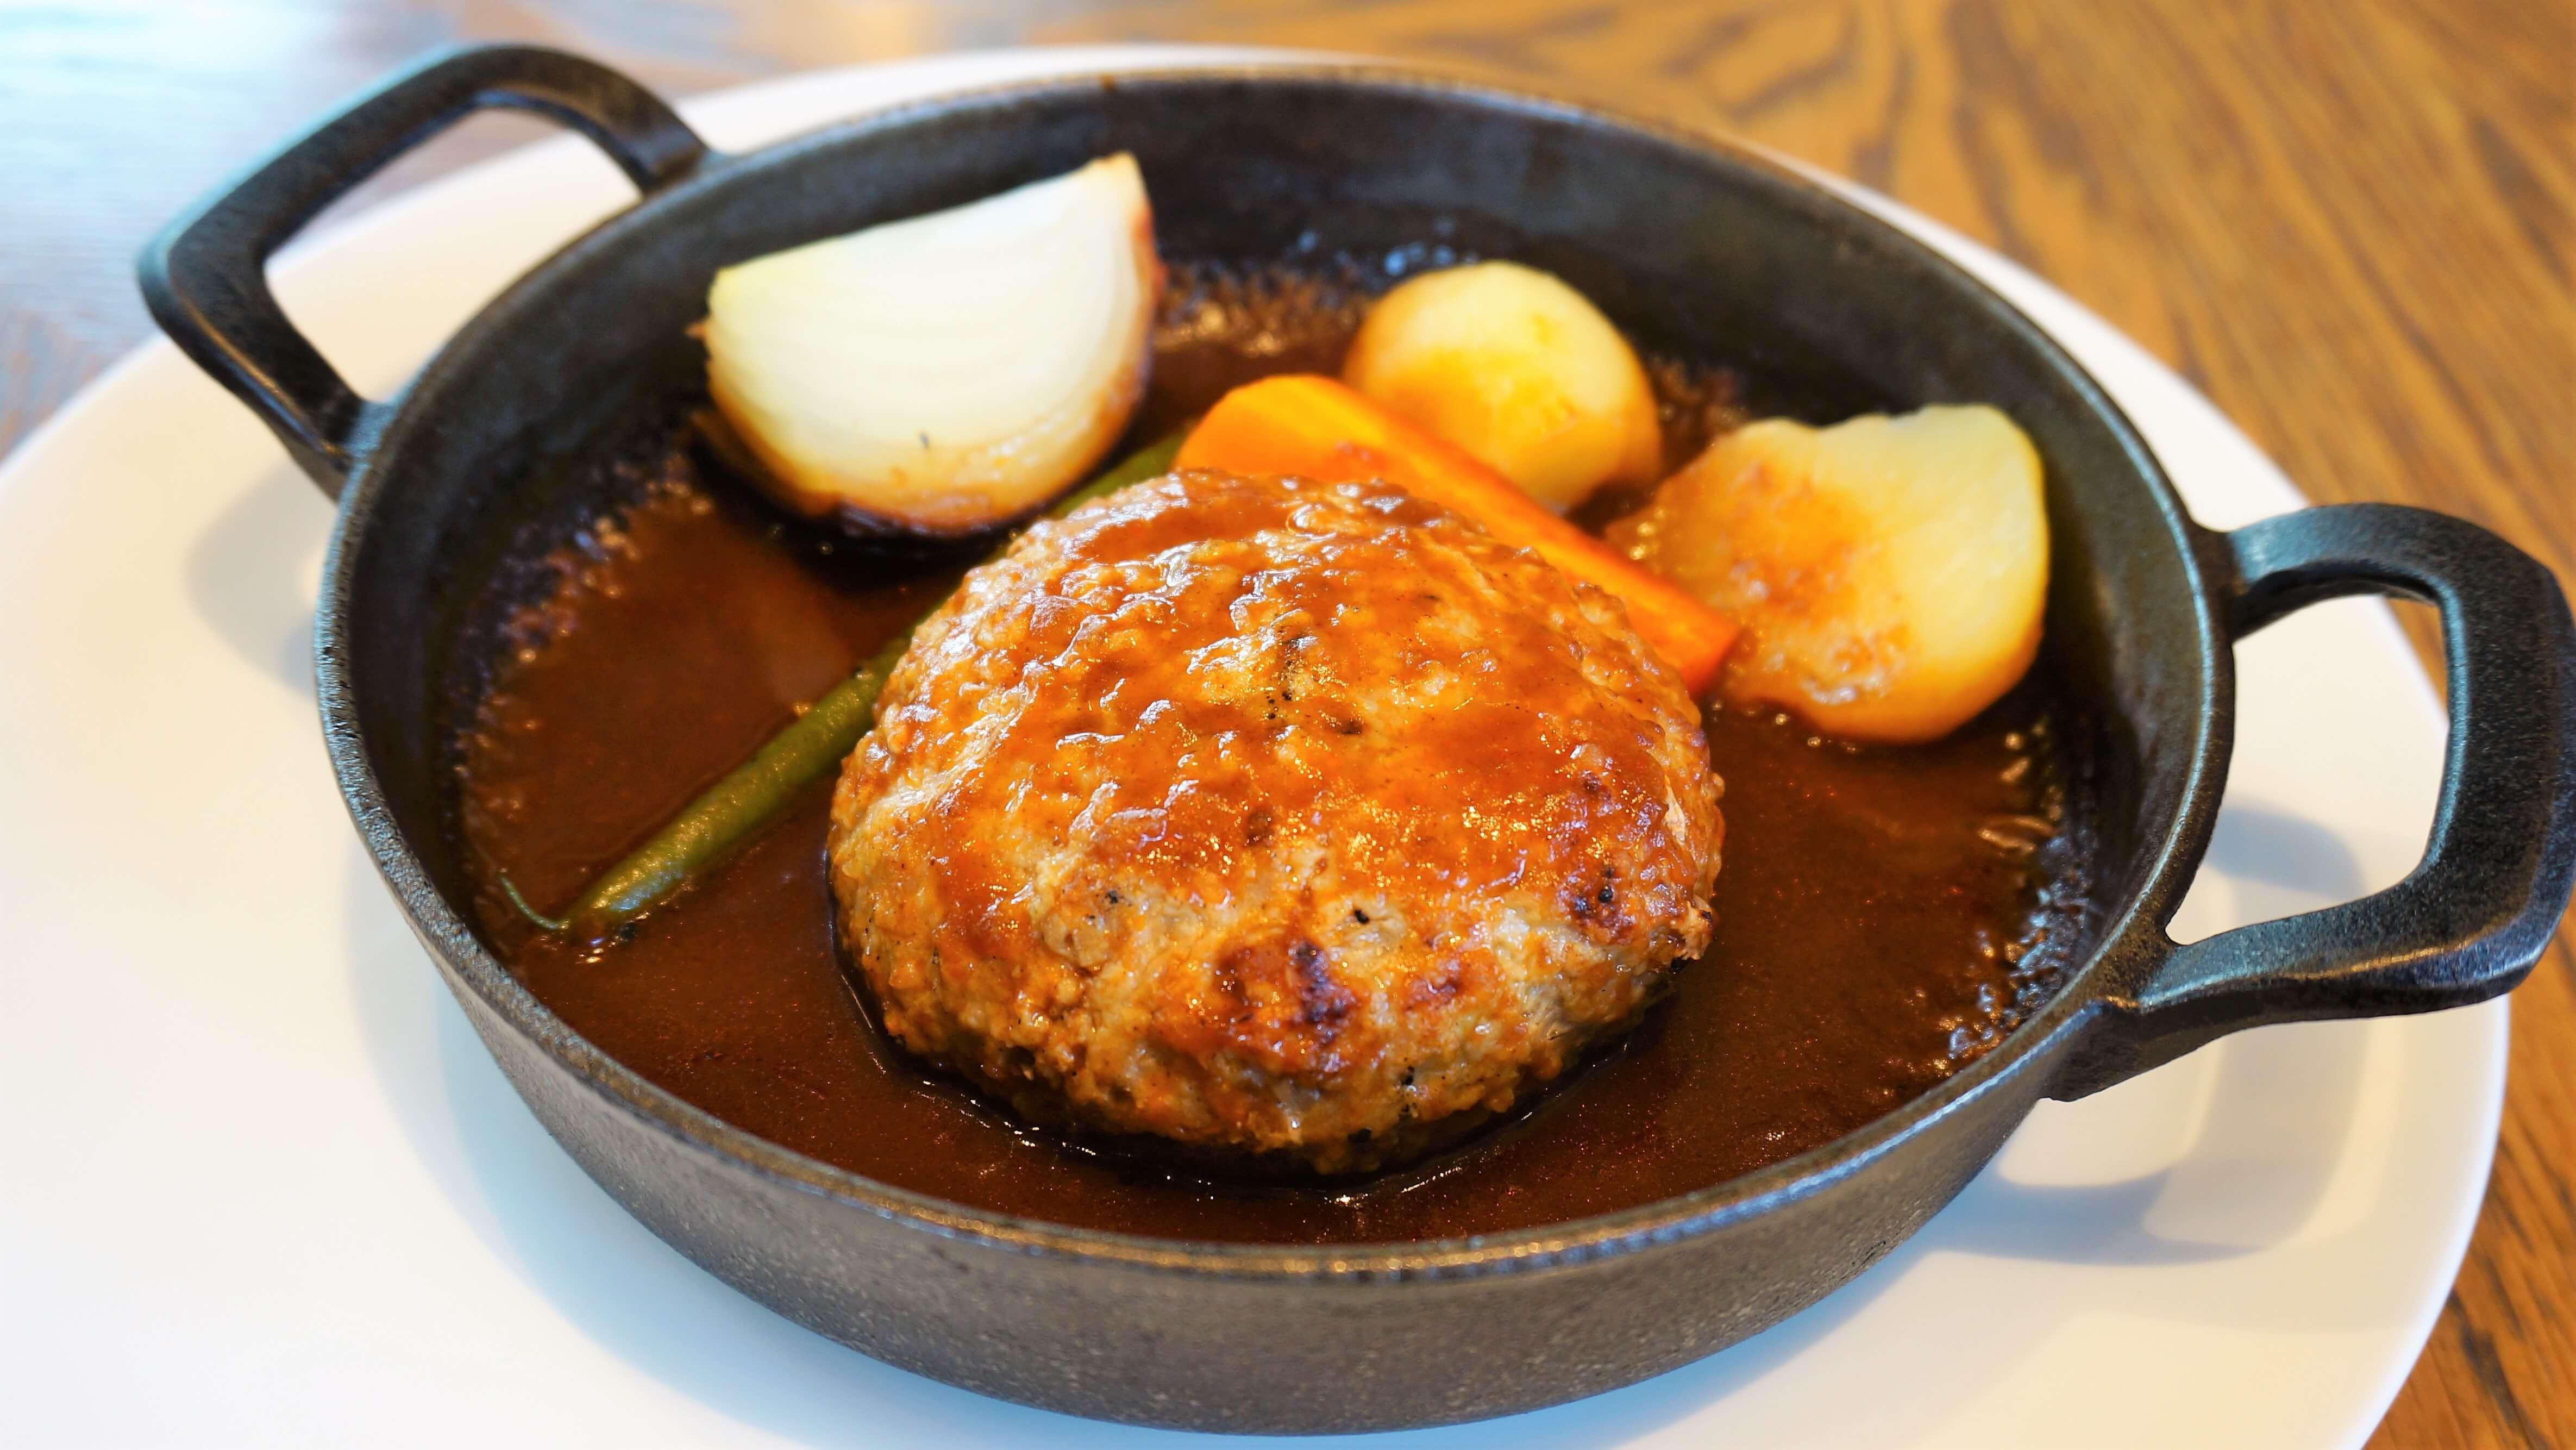 Kyoto-tofu Hamburg steak